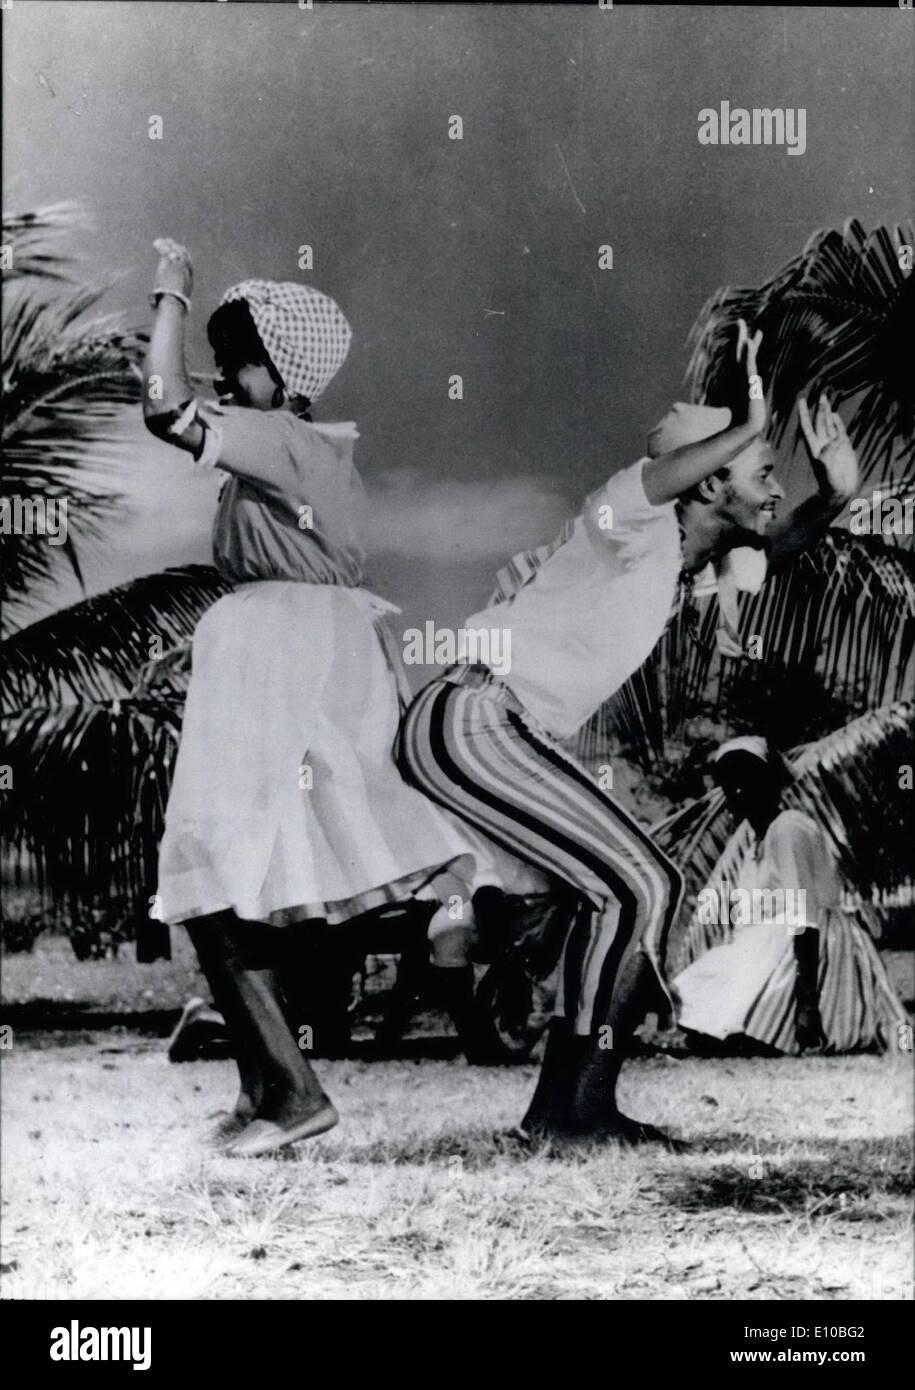 Marzo 03, 1972 - Internationale Folklore-Festival para los Juegos Olímpicos de 1972: Danzas, costumbres y tradiciones nacionales son también parte de la Olímpica. Durante el verano de los Juegos Olímpicos de Munich y Folklore-Festival Internacional se celebrará como parte del programa cultural. En total 15 grupos de todos los países (Francia, Portugal, Italia, Kenia, Marruecos, Rumania, México, Corea del Sur, Chile, Japón, Polonia y del Antills-Islands Marinieuq que pertenece a Francia (- -) nuestra foto aparecerá en esta reunión Imagen De Stock